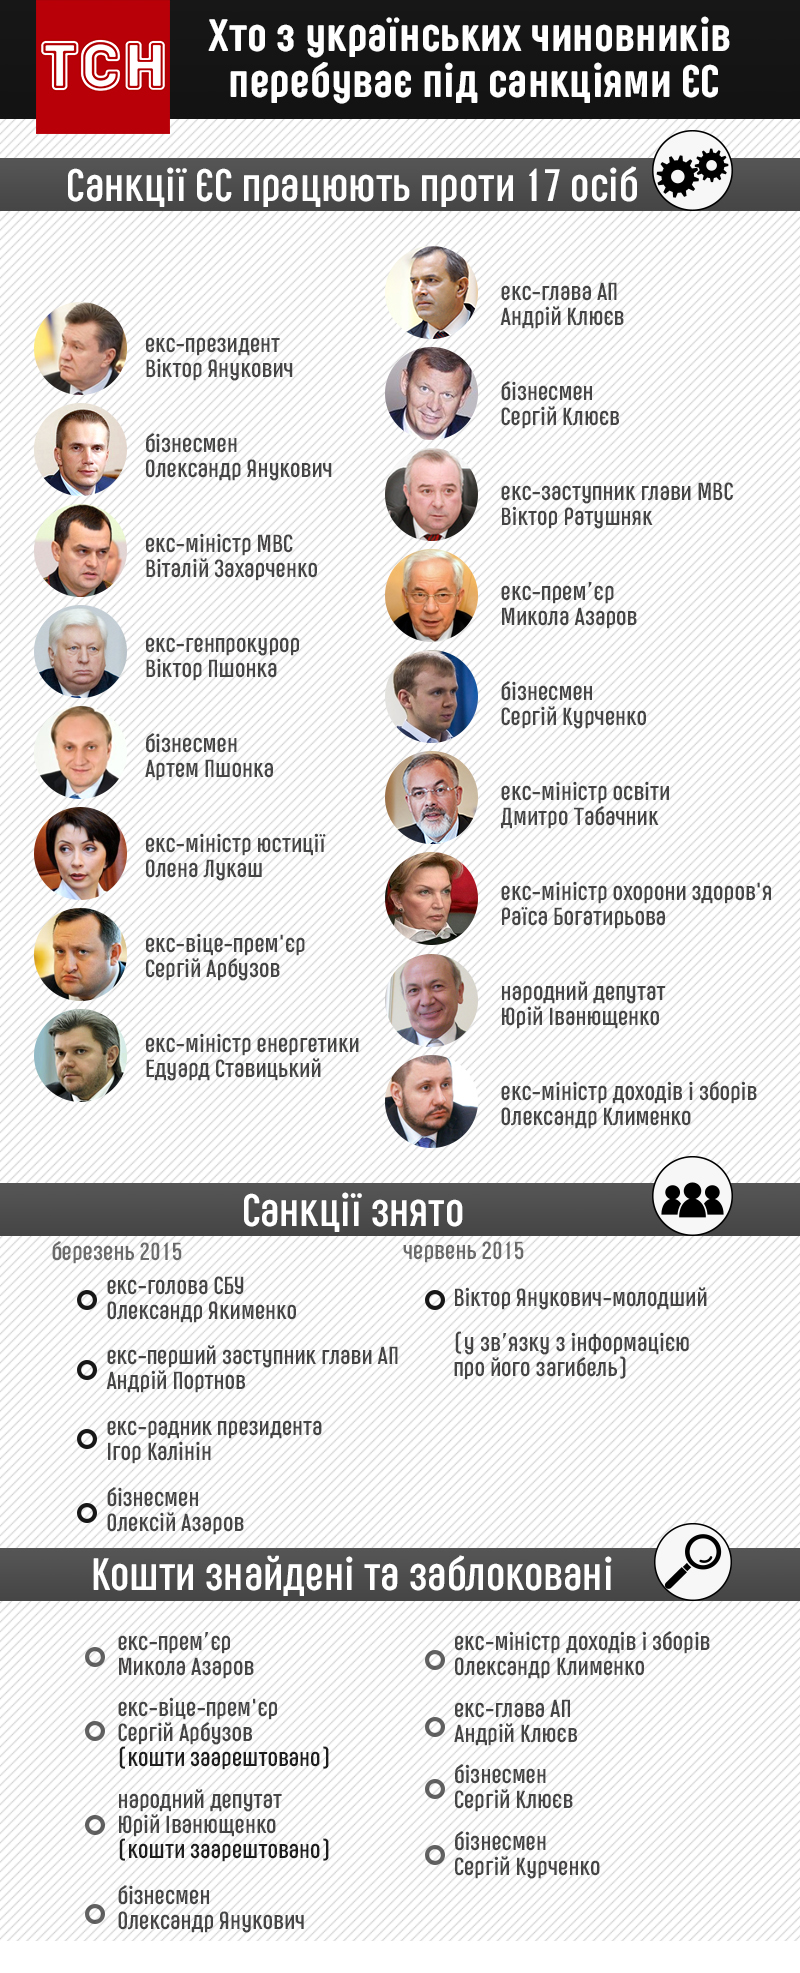 Санкції ЄС